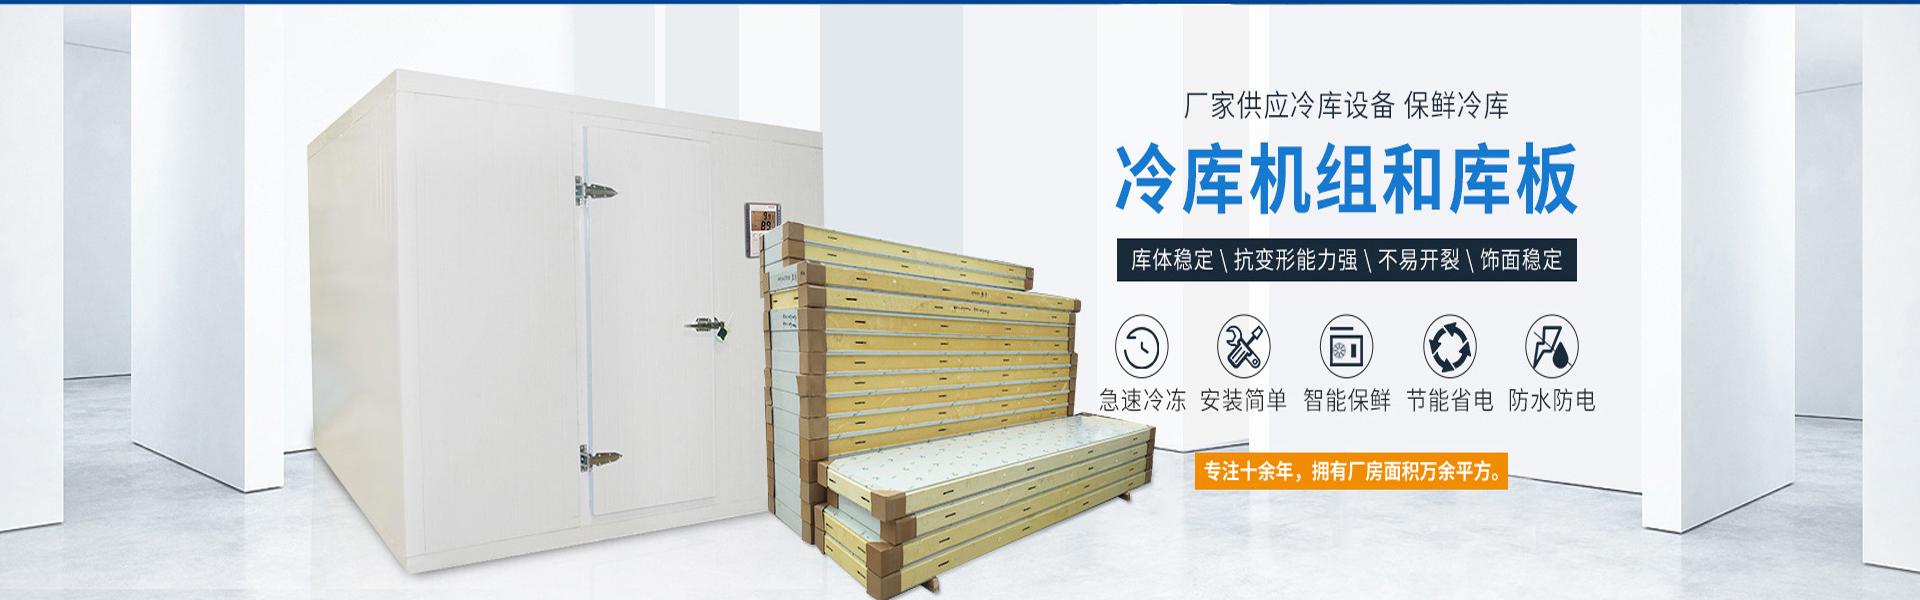 廠家供應冷庫設備 保鮮冷庫 冷庫機組和庫板